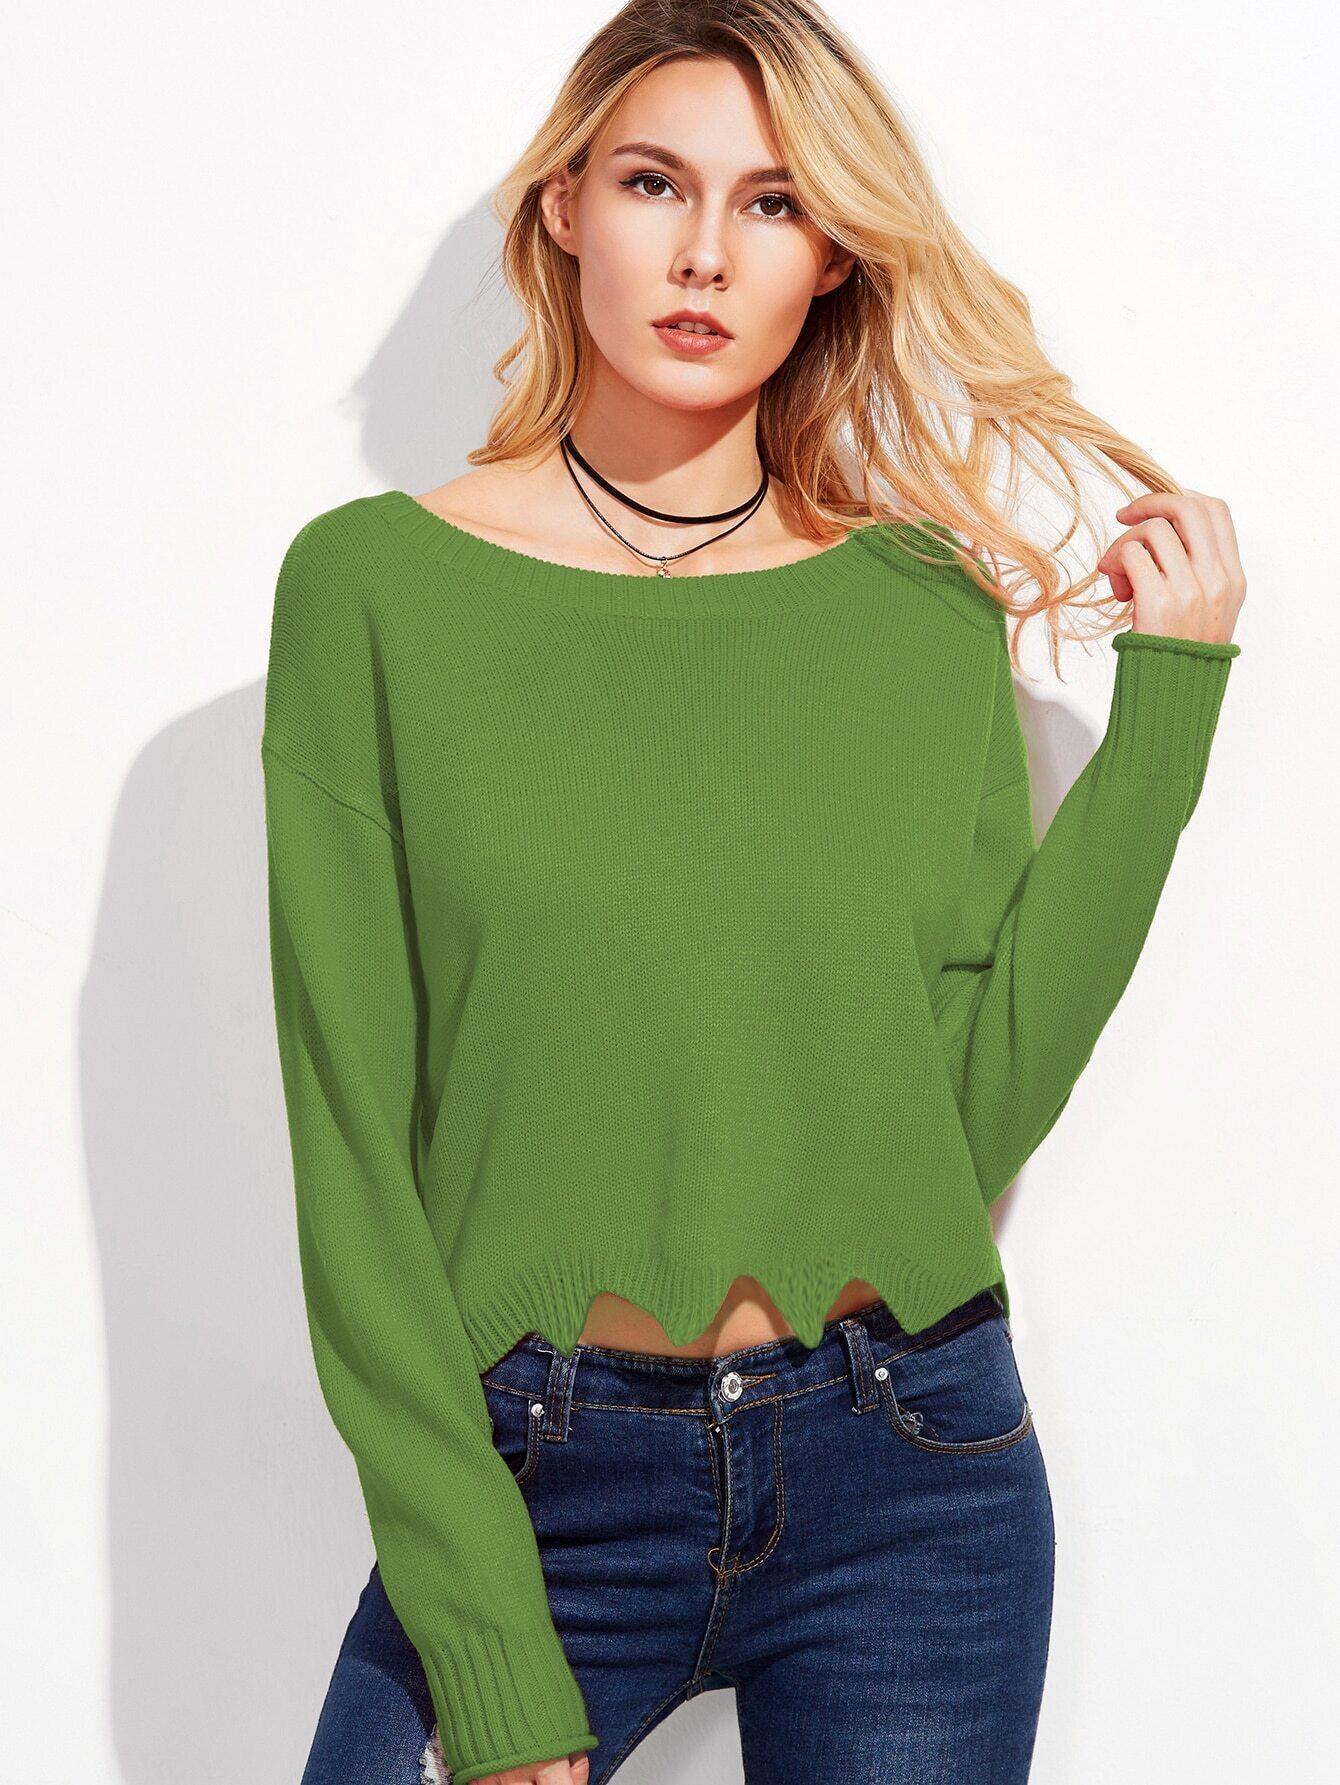 Зеленый Свитер Женский Доставка